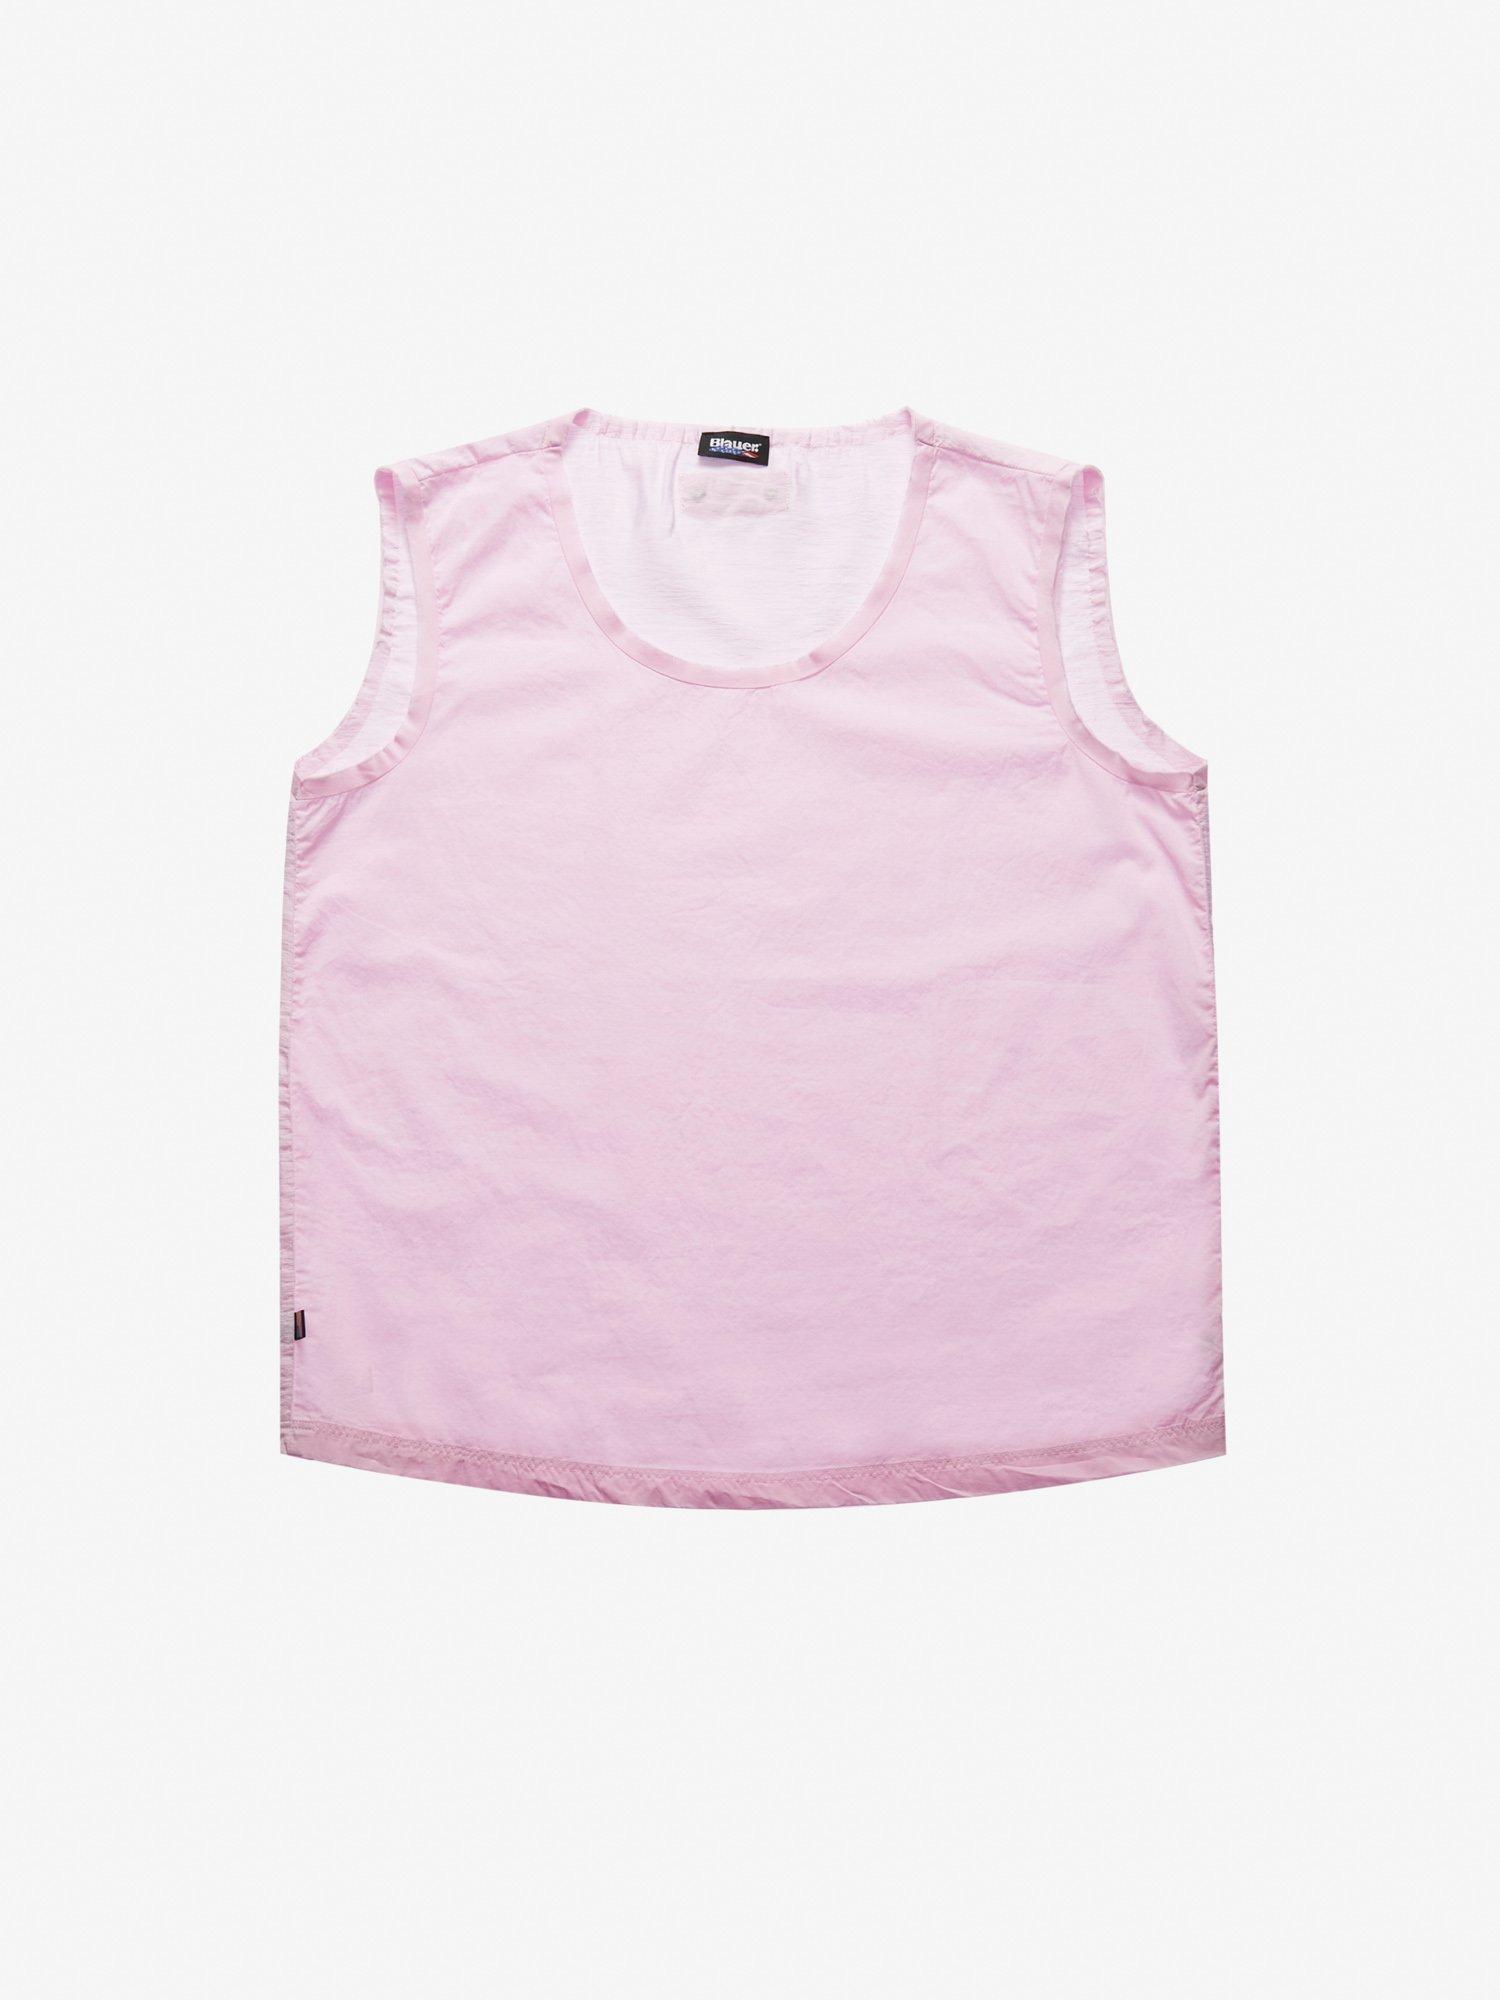 Blauer - COTTON VISCOSE TANK TOP - Pink Pastel - Blauer